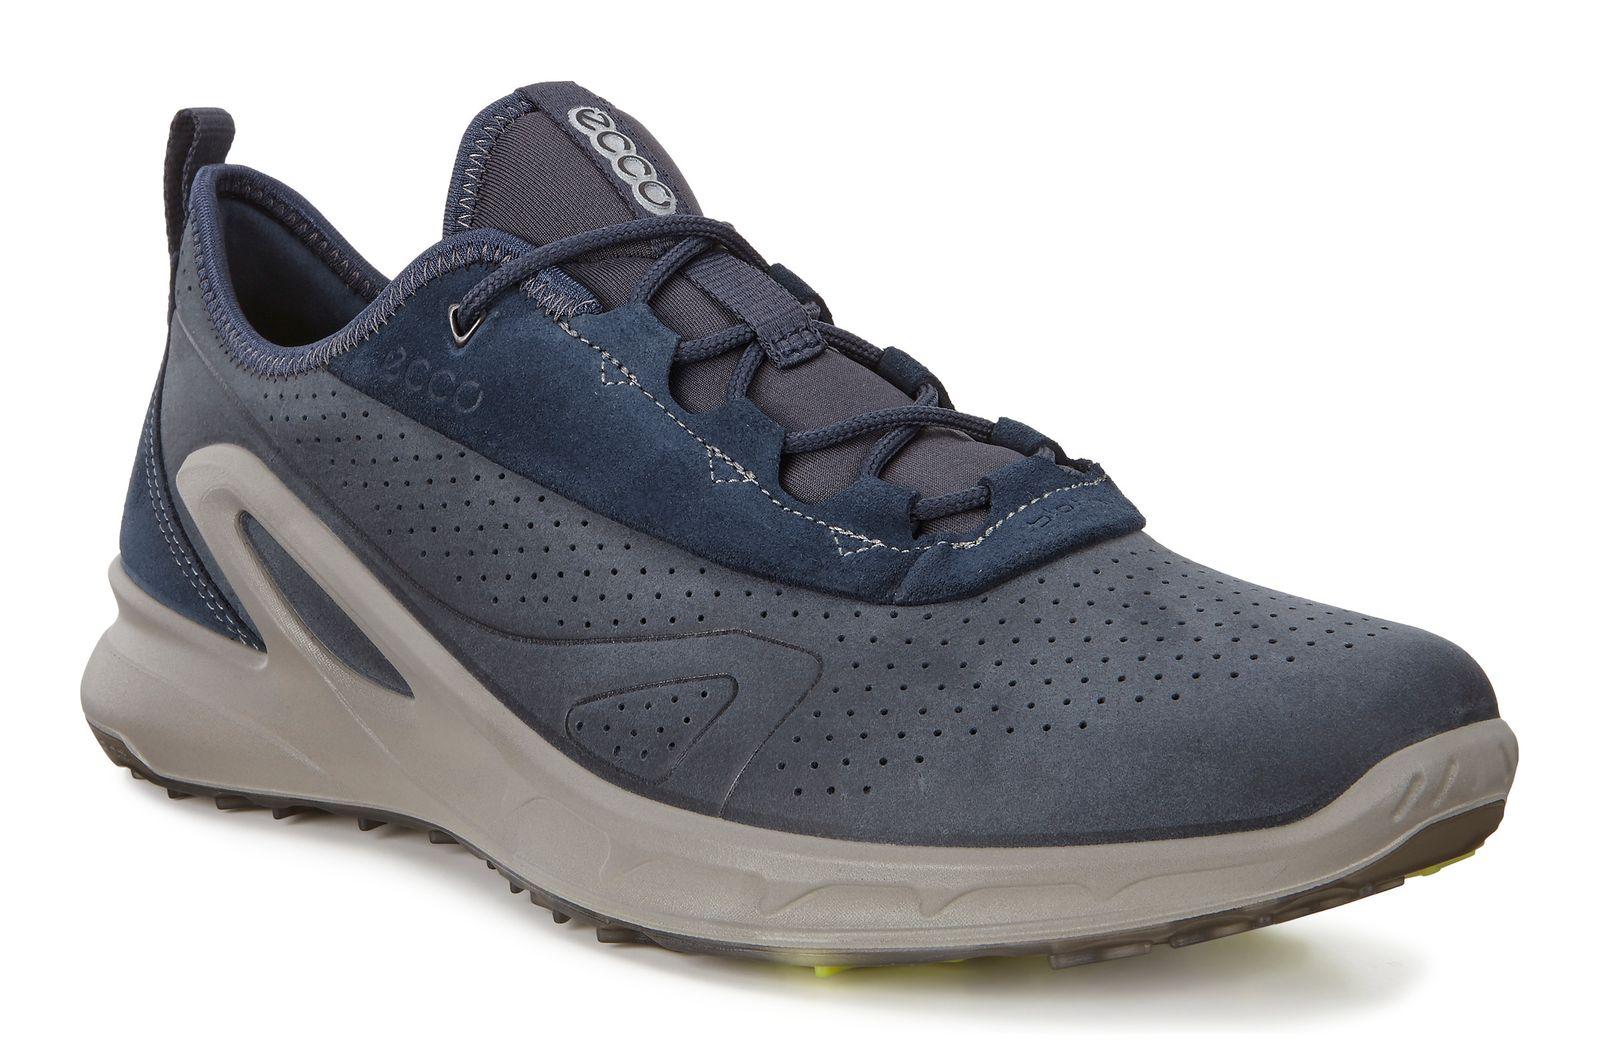 17edf64d9cbfe4 Ecco Herren Freizeit Outdoor Schuhe BIOM OMNIQUEST blau